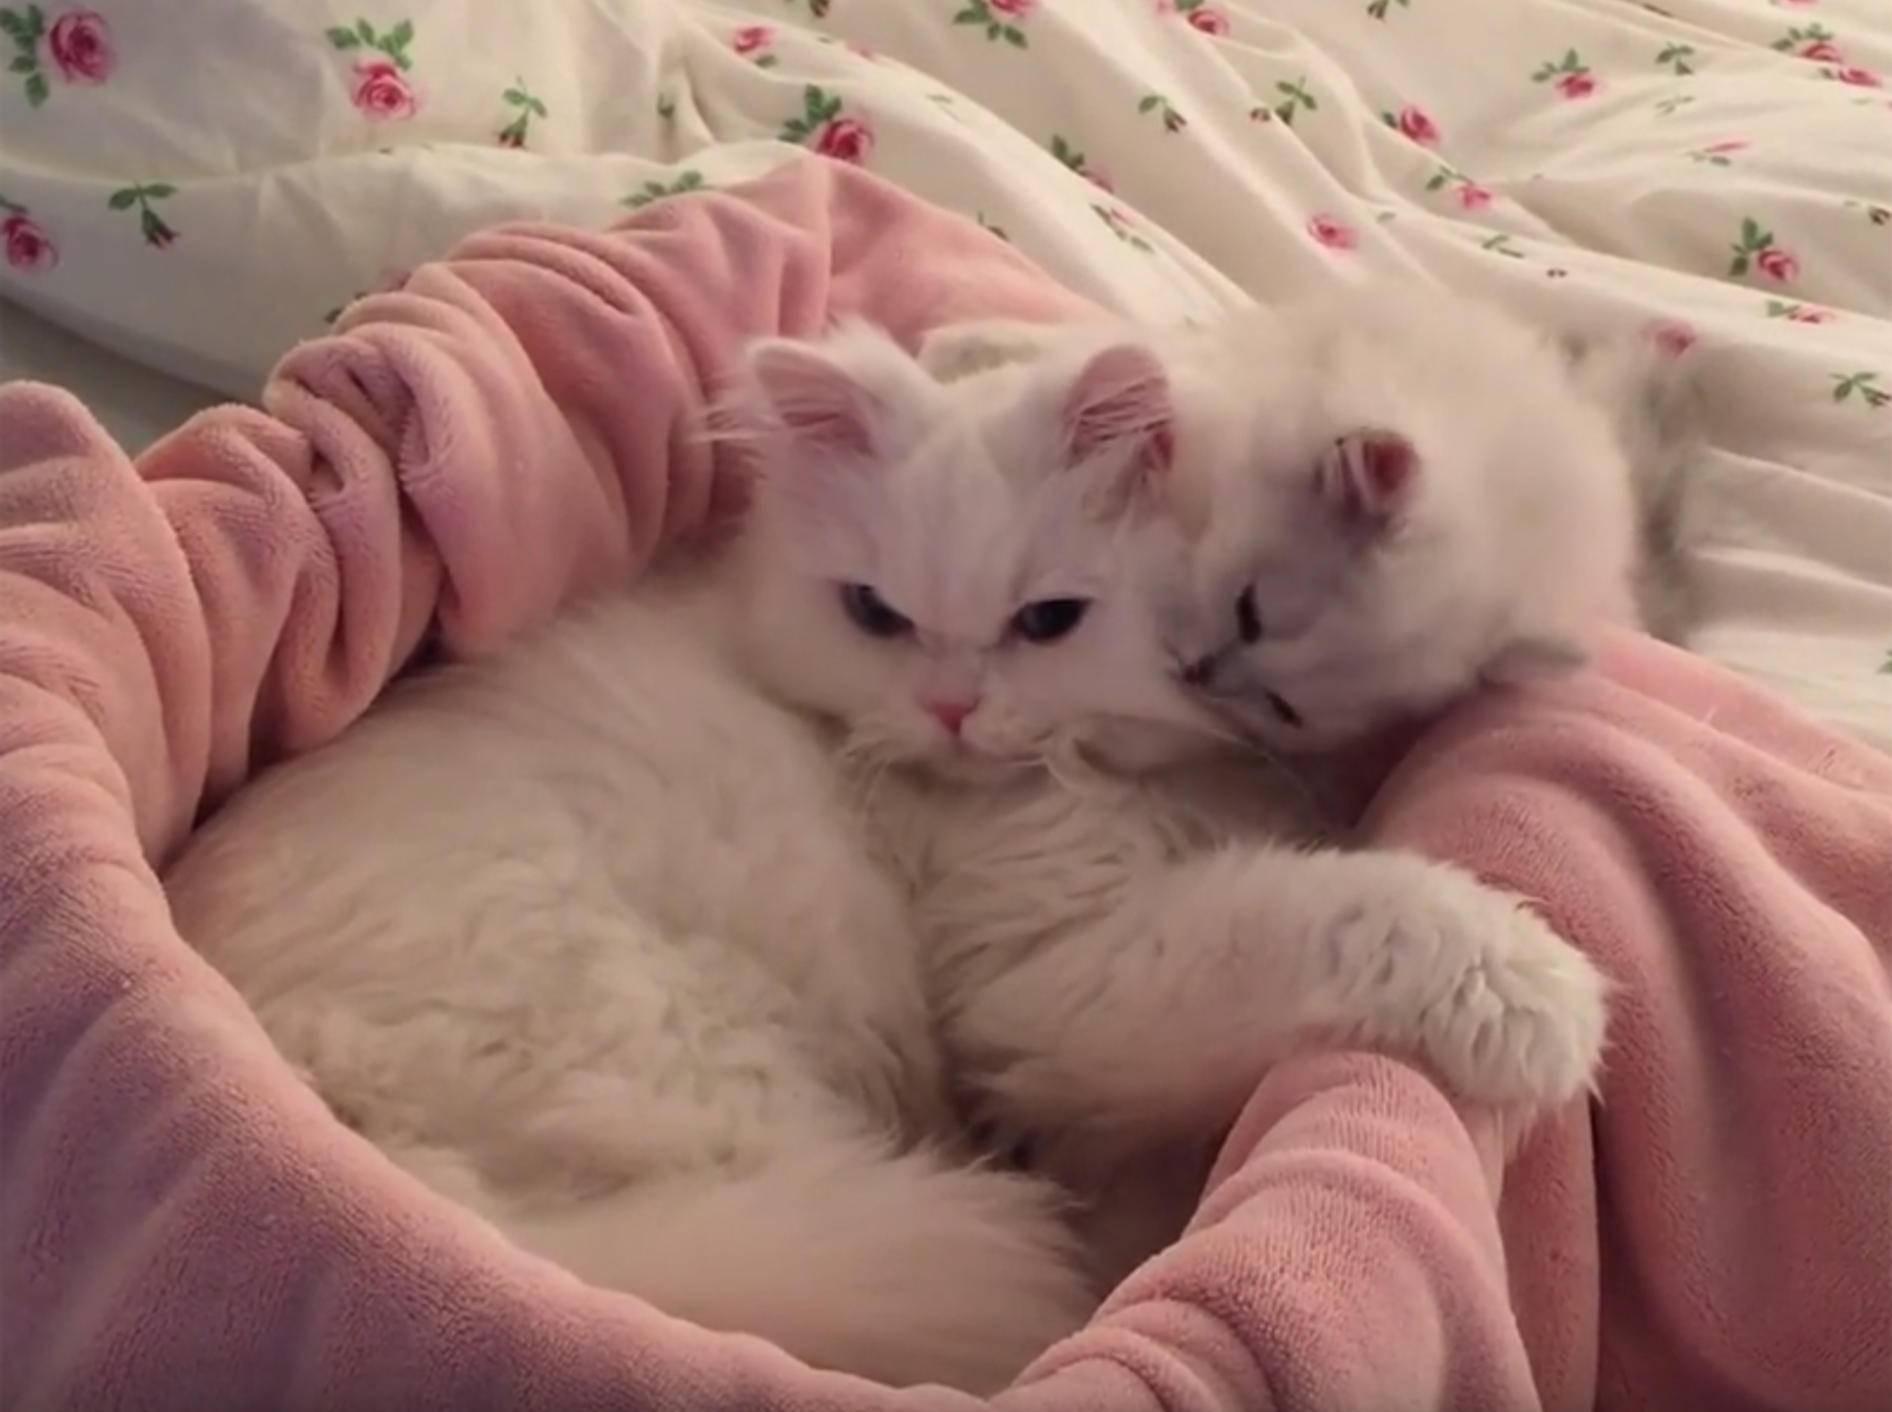 Fluffiges Kätzche putzt seinen Kumpel – YouTube / Ellen Fowler